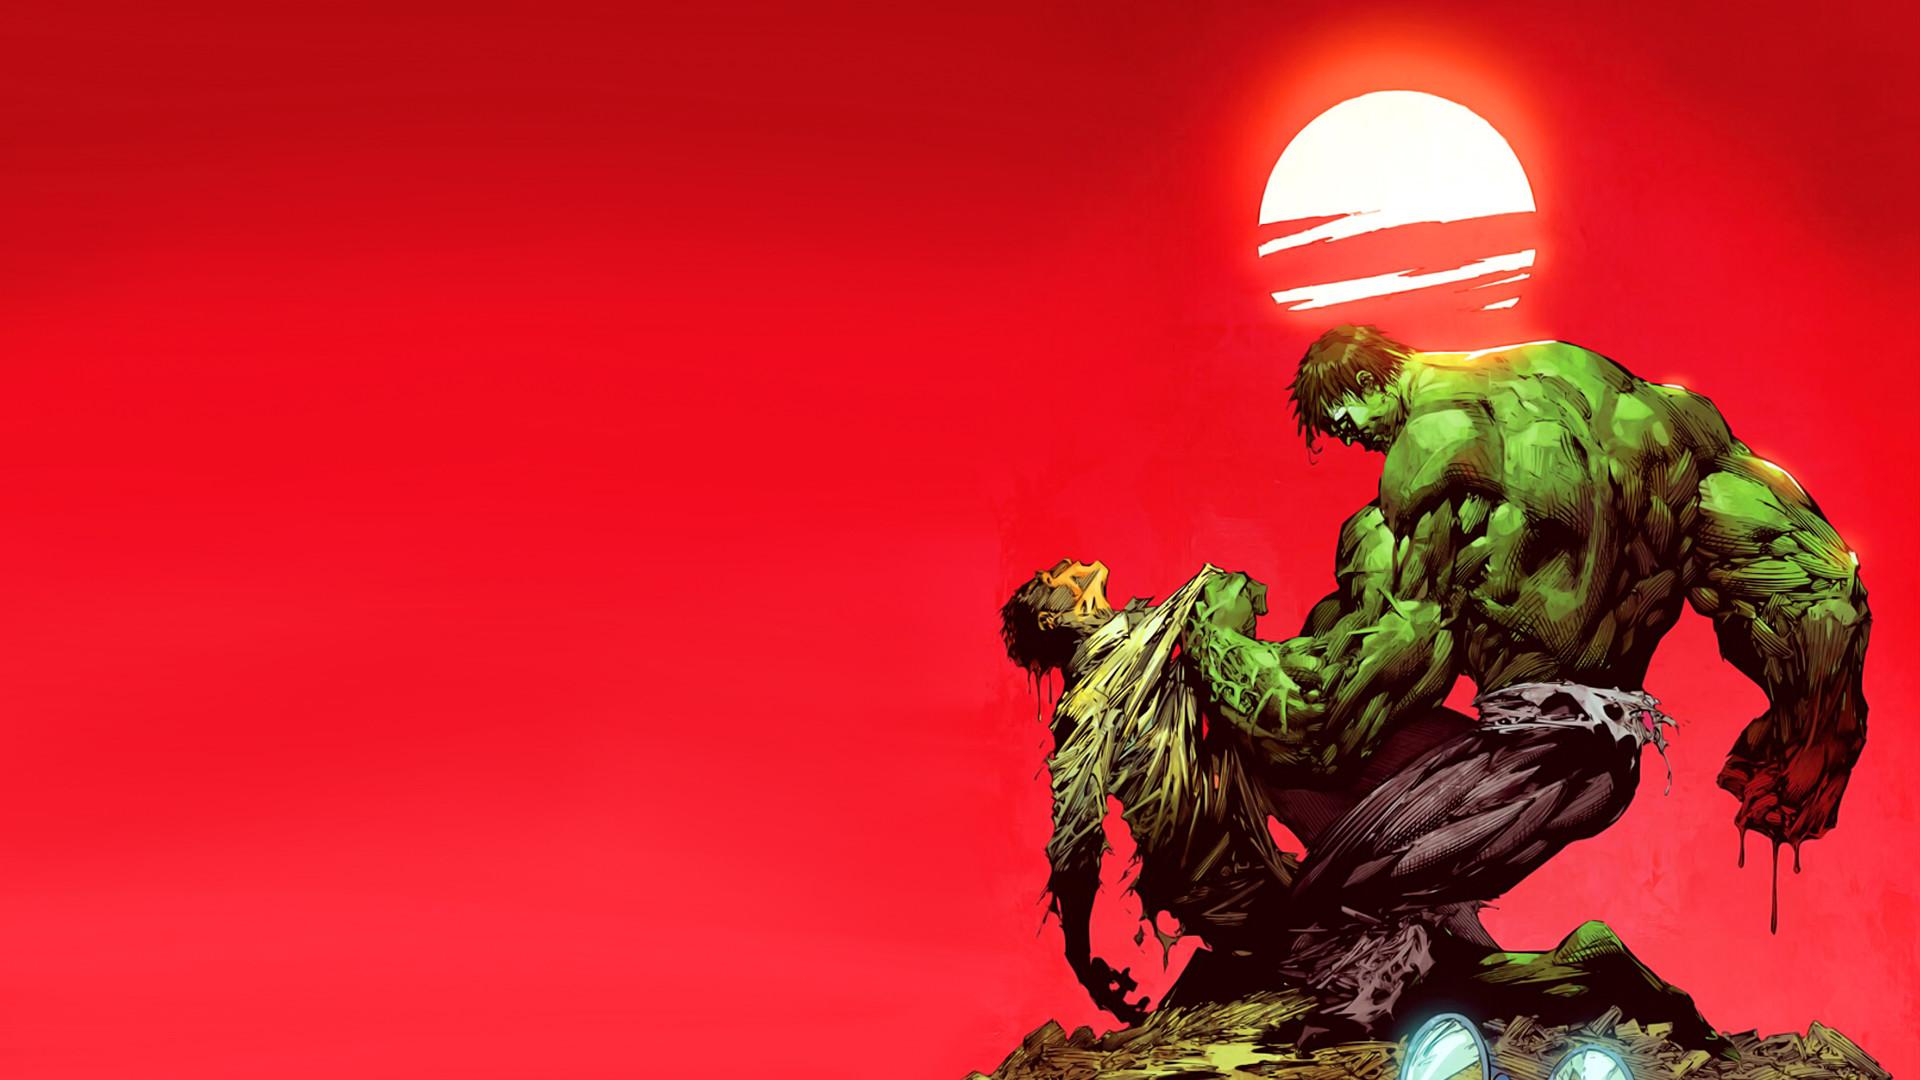 Incredible Hulk Wallpaper 2018 58 Images